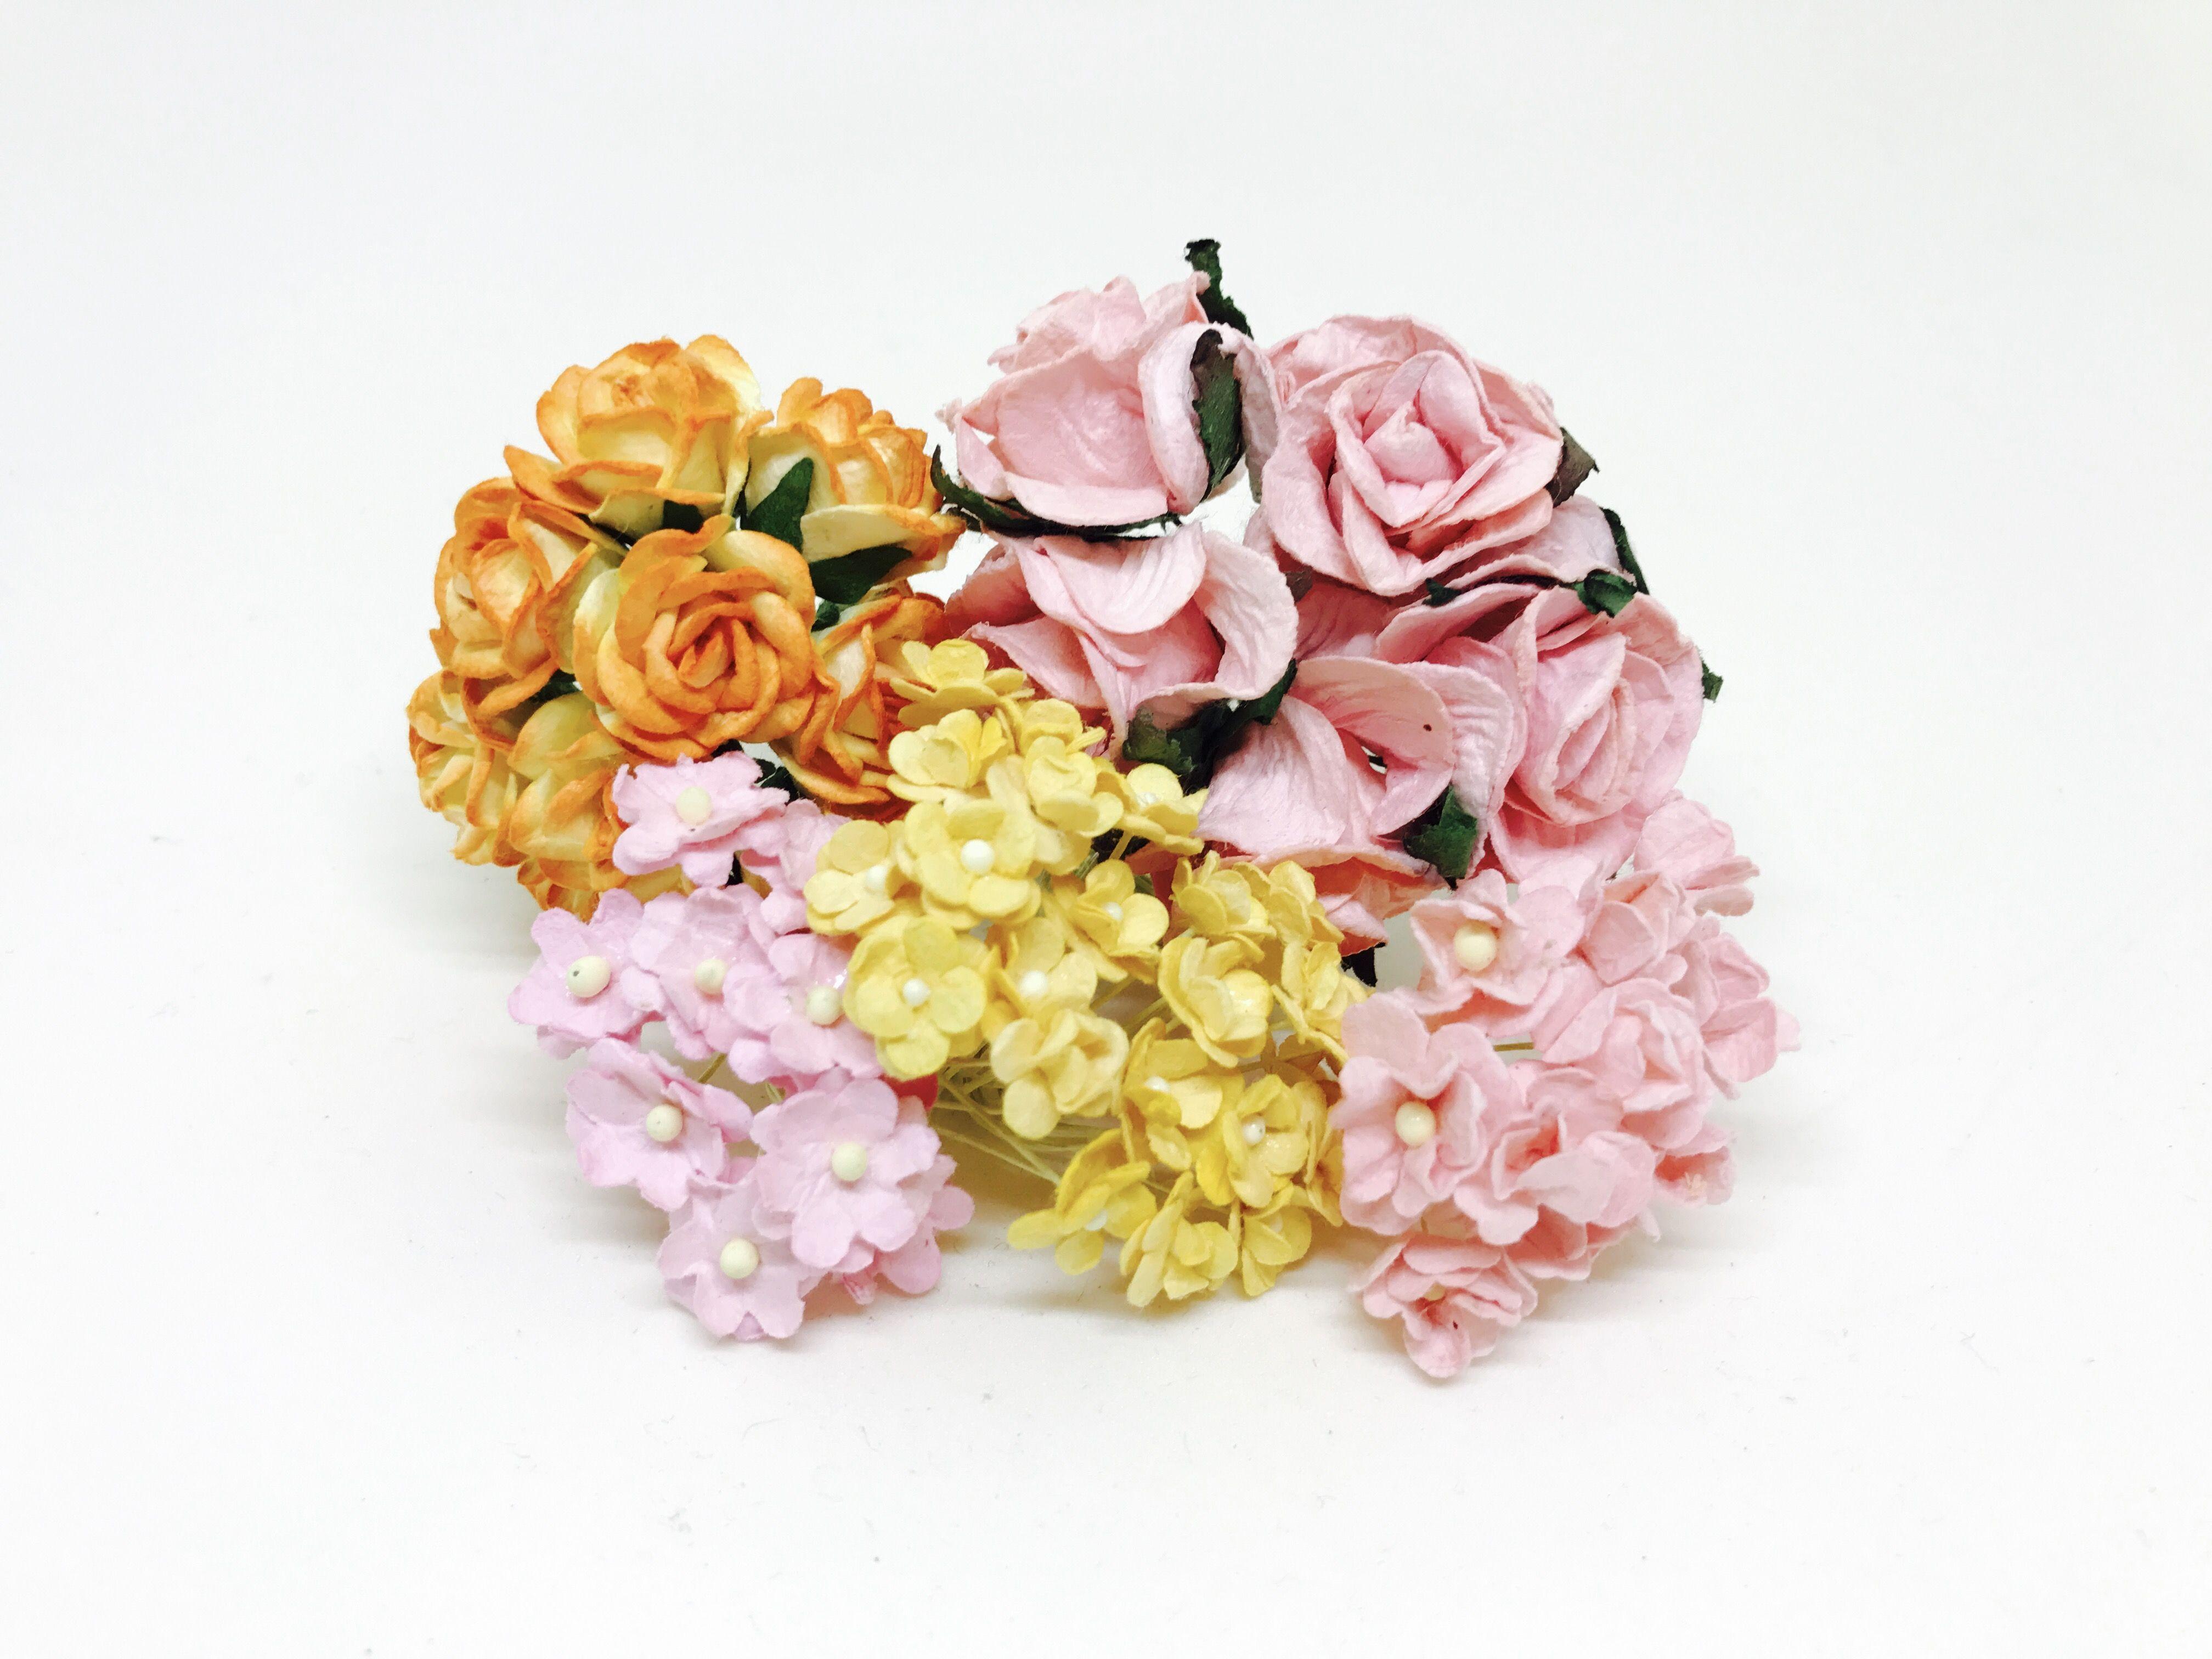 Diy flower crown kit blush pink mulberry paper flowers paper diy flower crown kit blush pink mulberry paper flowers izmirmasajfo Images